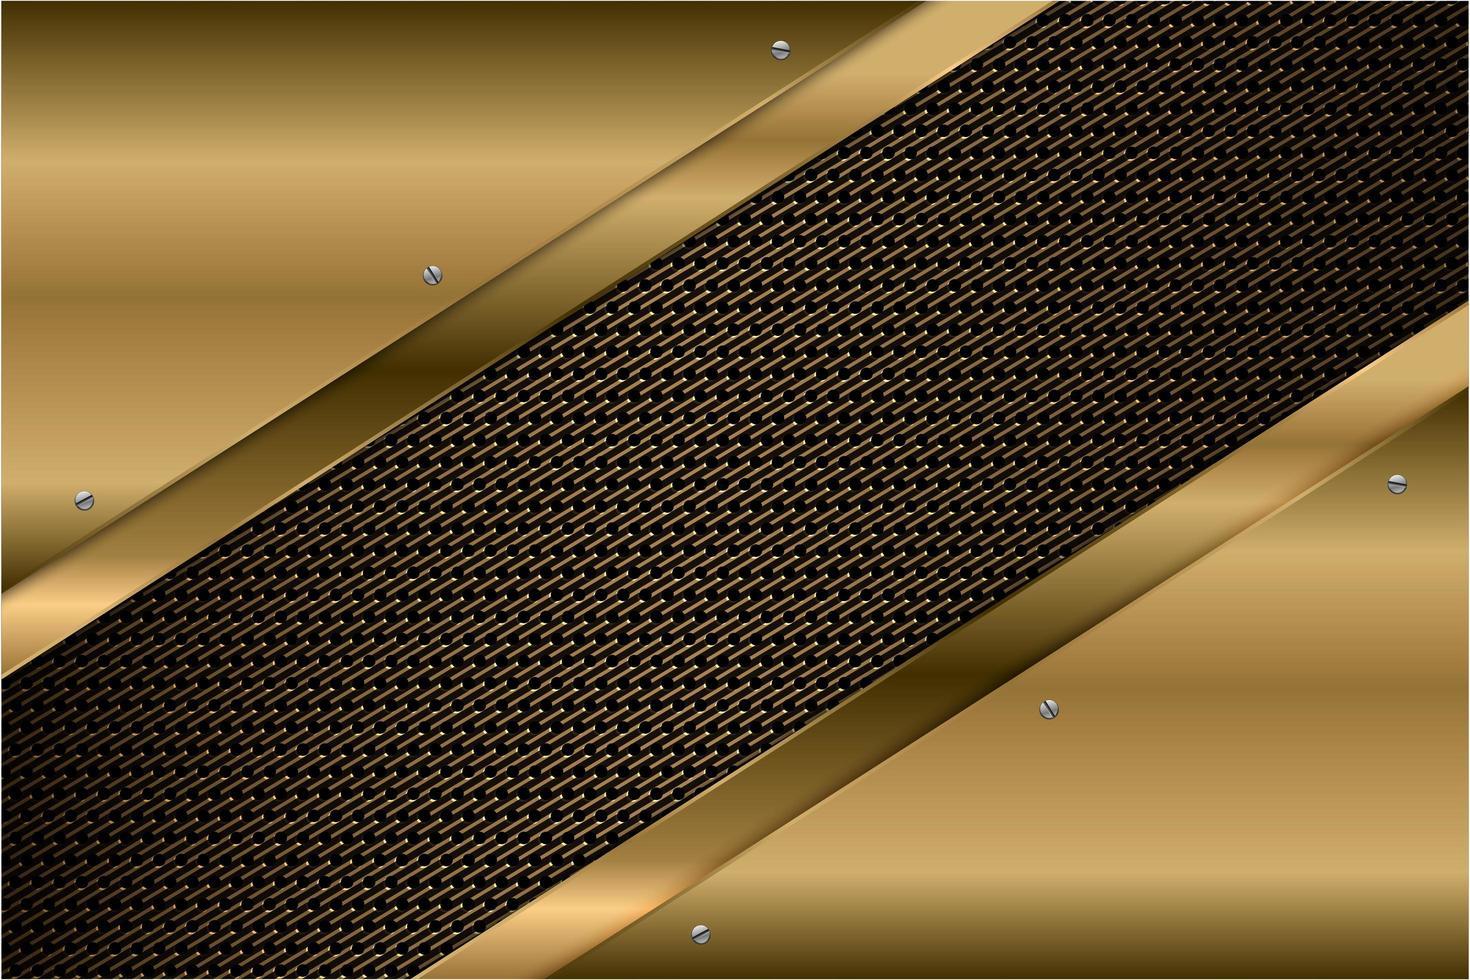 Paneles en ángulo dorado metálico con textura de fibra de carbono. vector